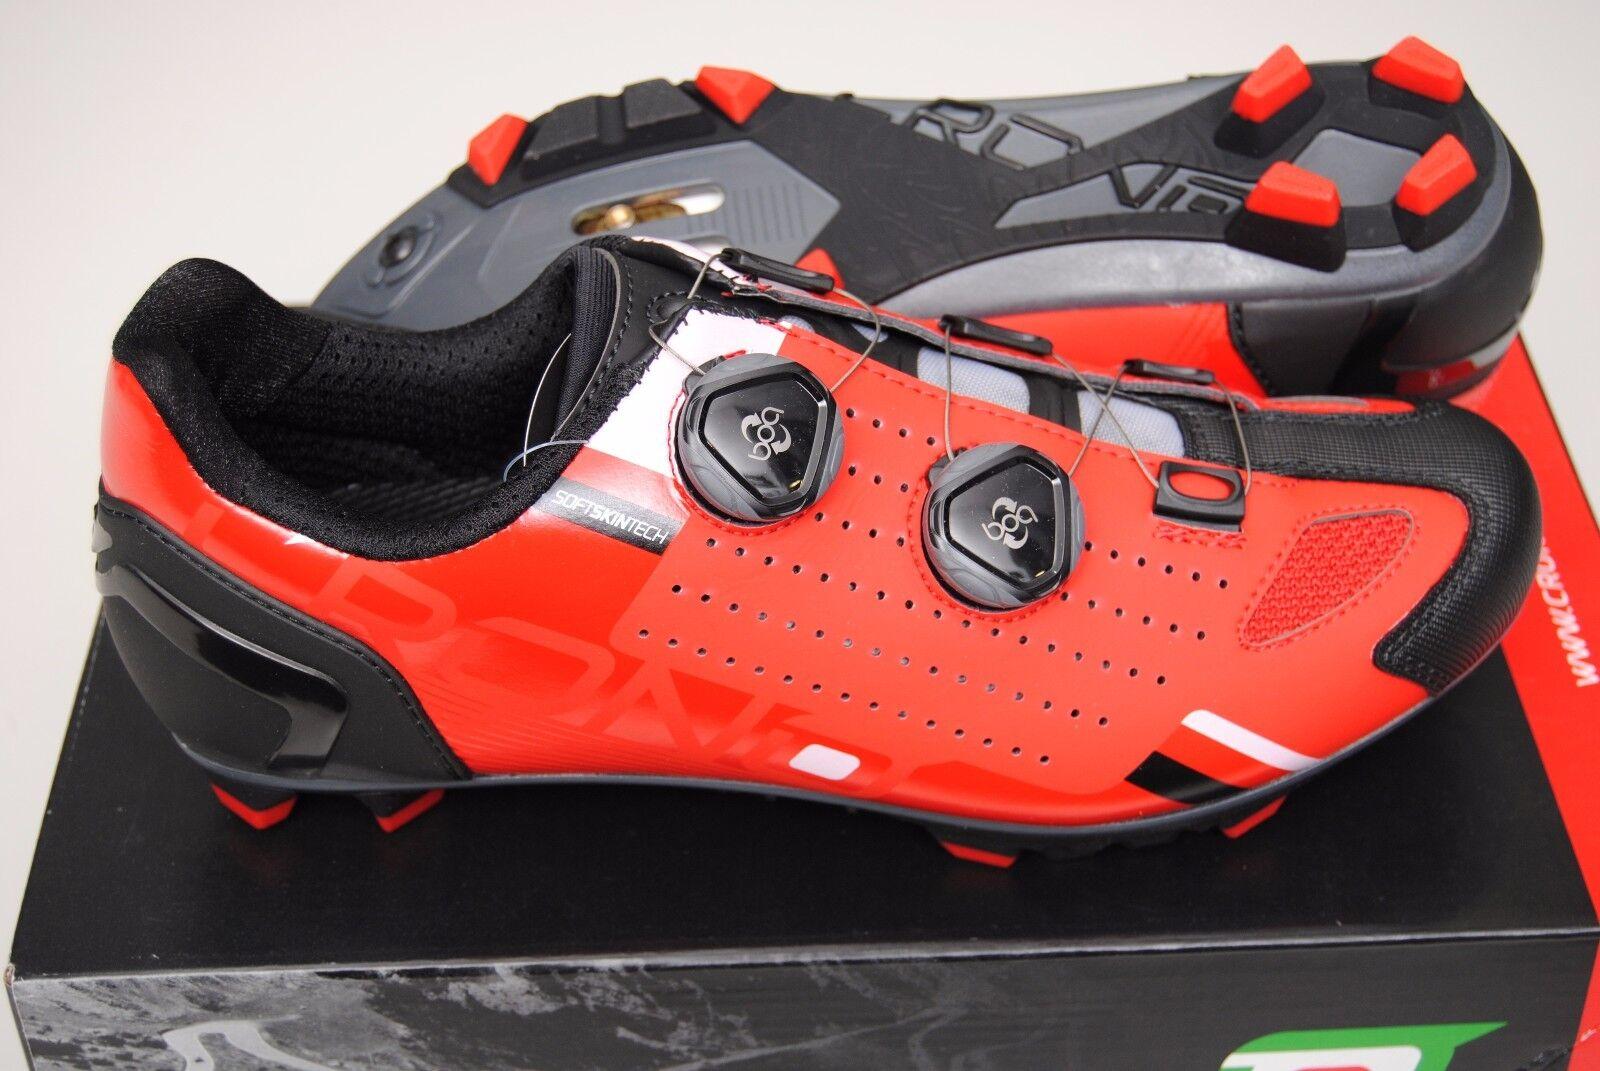 MTB-Schuhe CRONO CX2 Nylon rot Schuhe CRONO CRONO CRONO CX2 rot Nylon 28688e